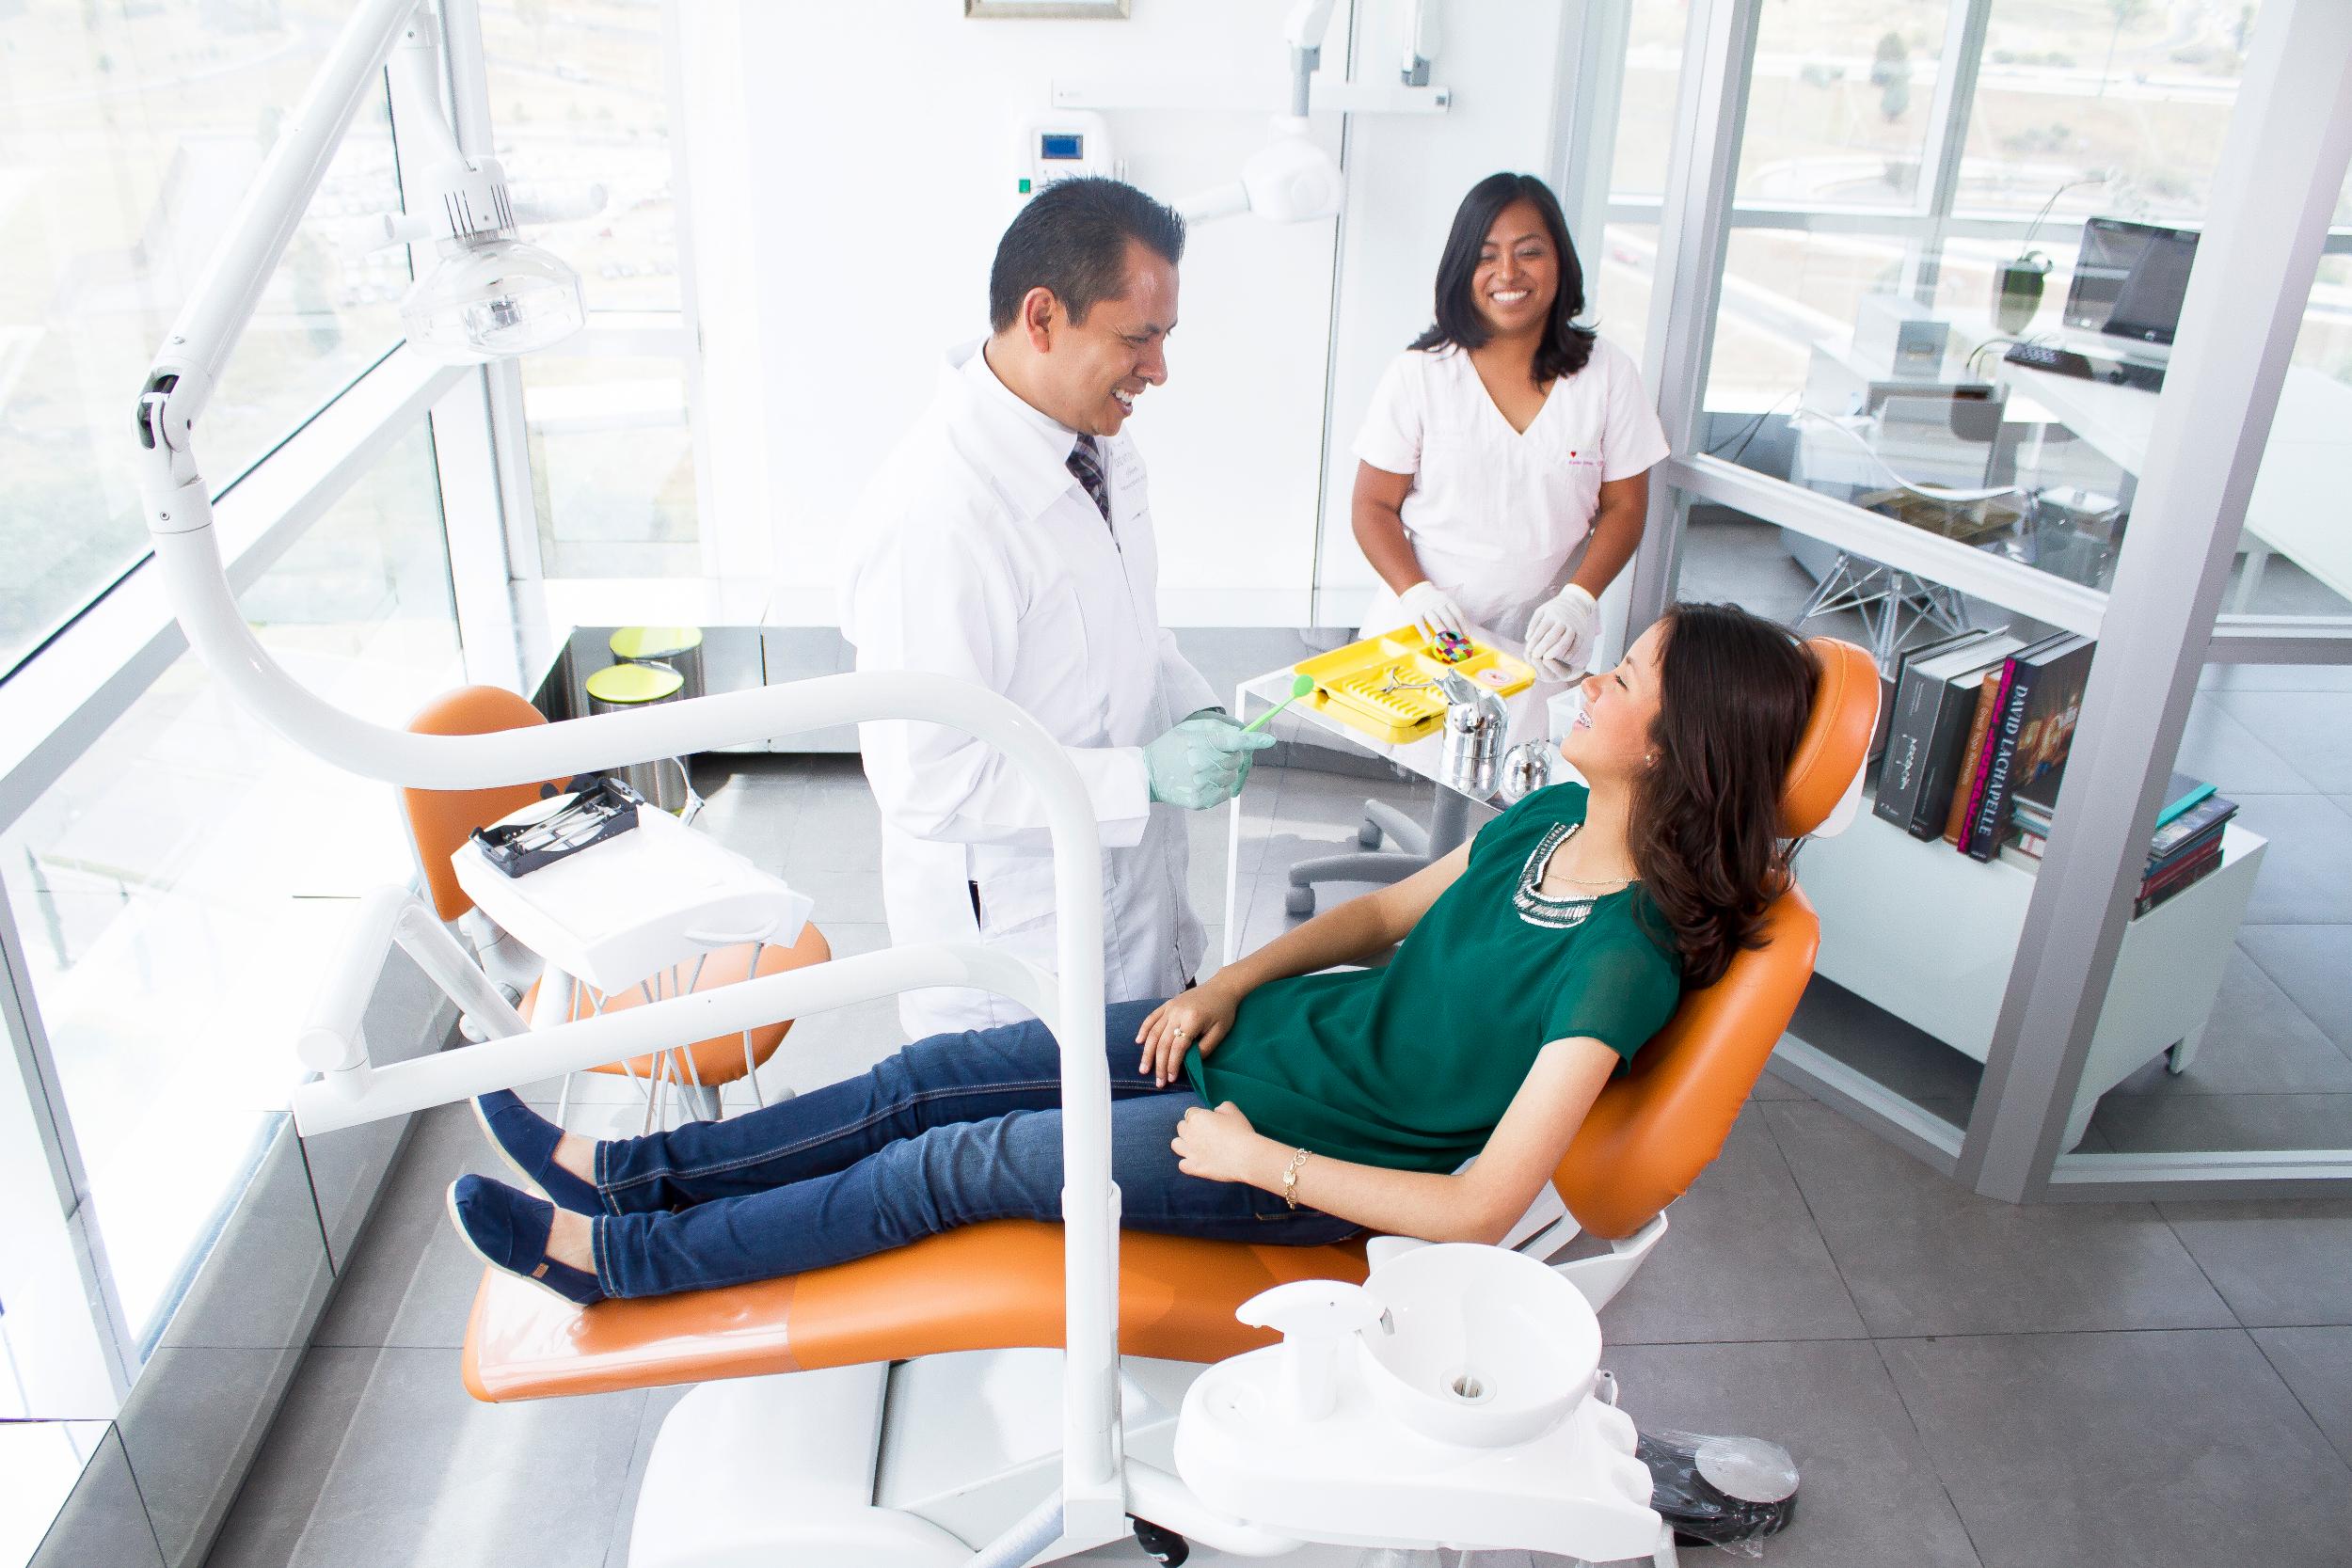 Dentos clinicare